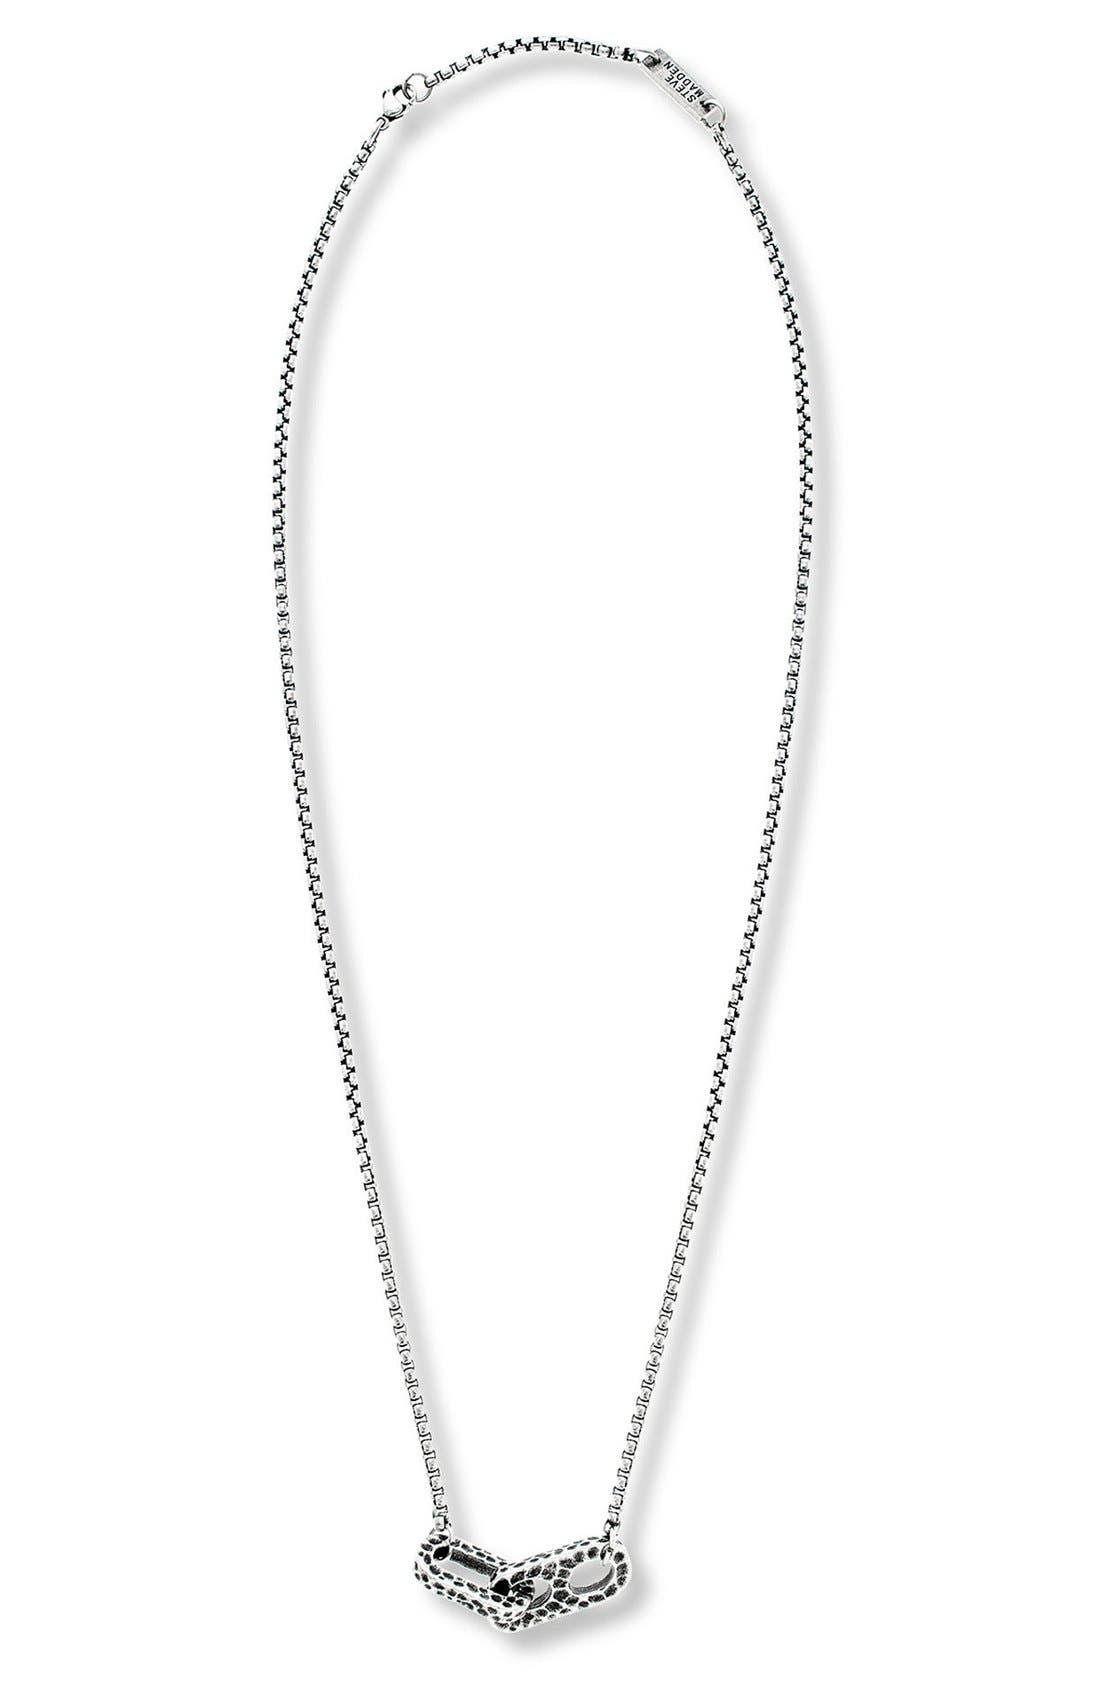 Main Image - Steve Madden Hammered Link Pendant Necklace